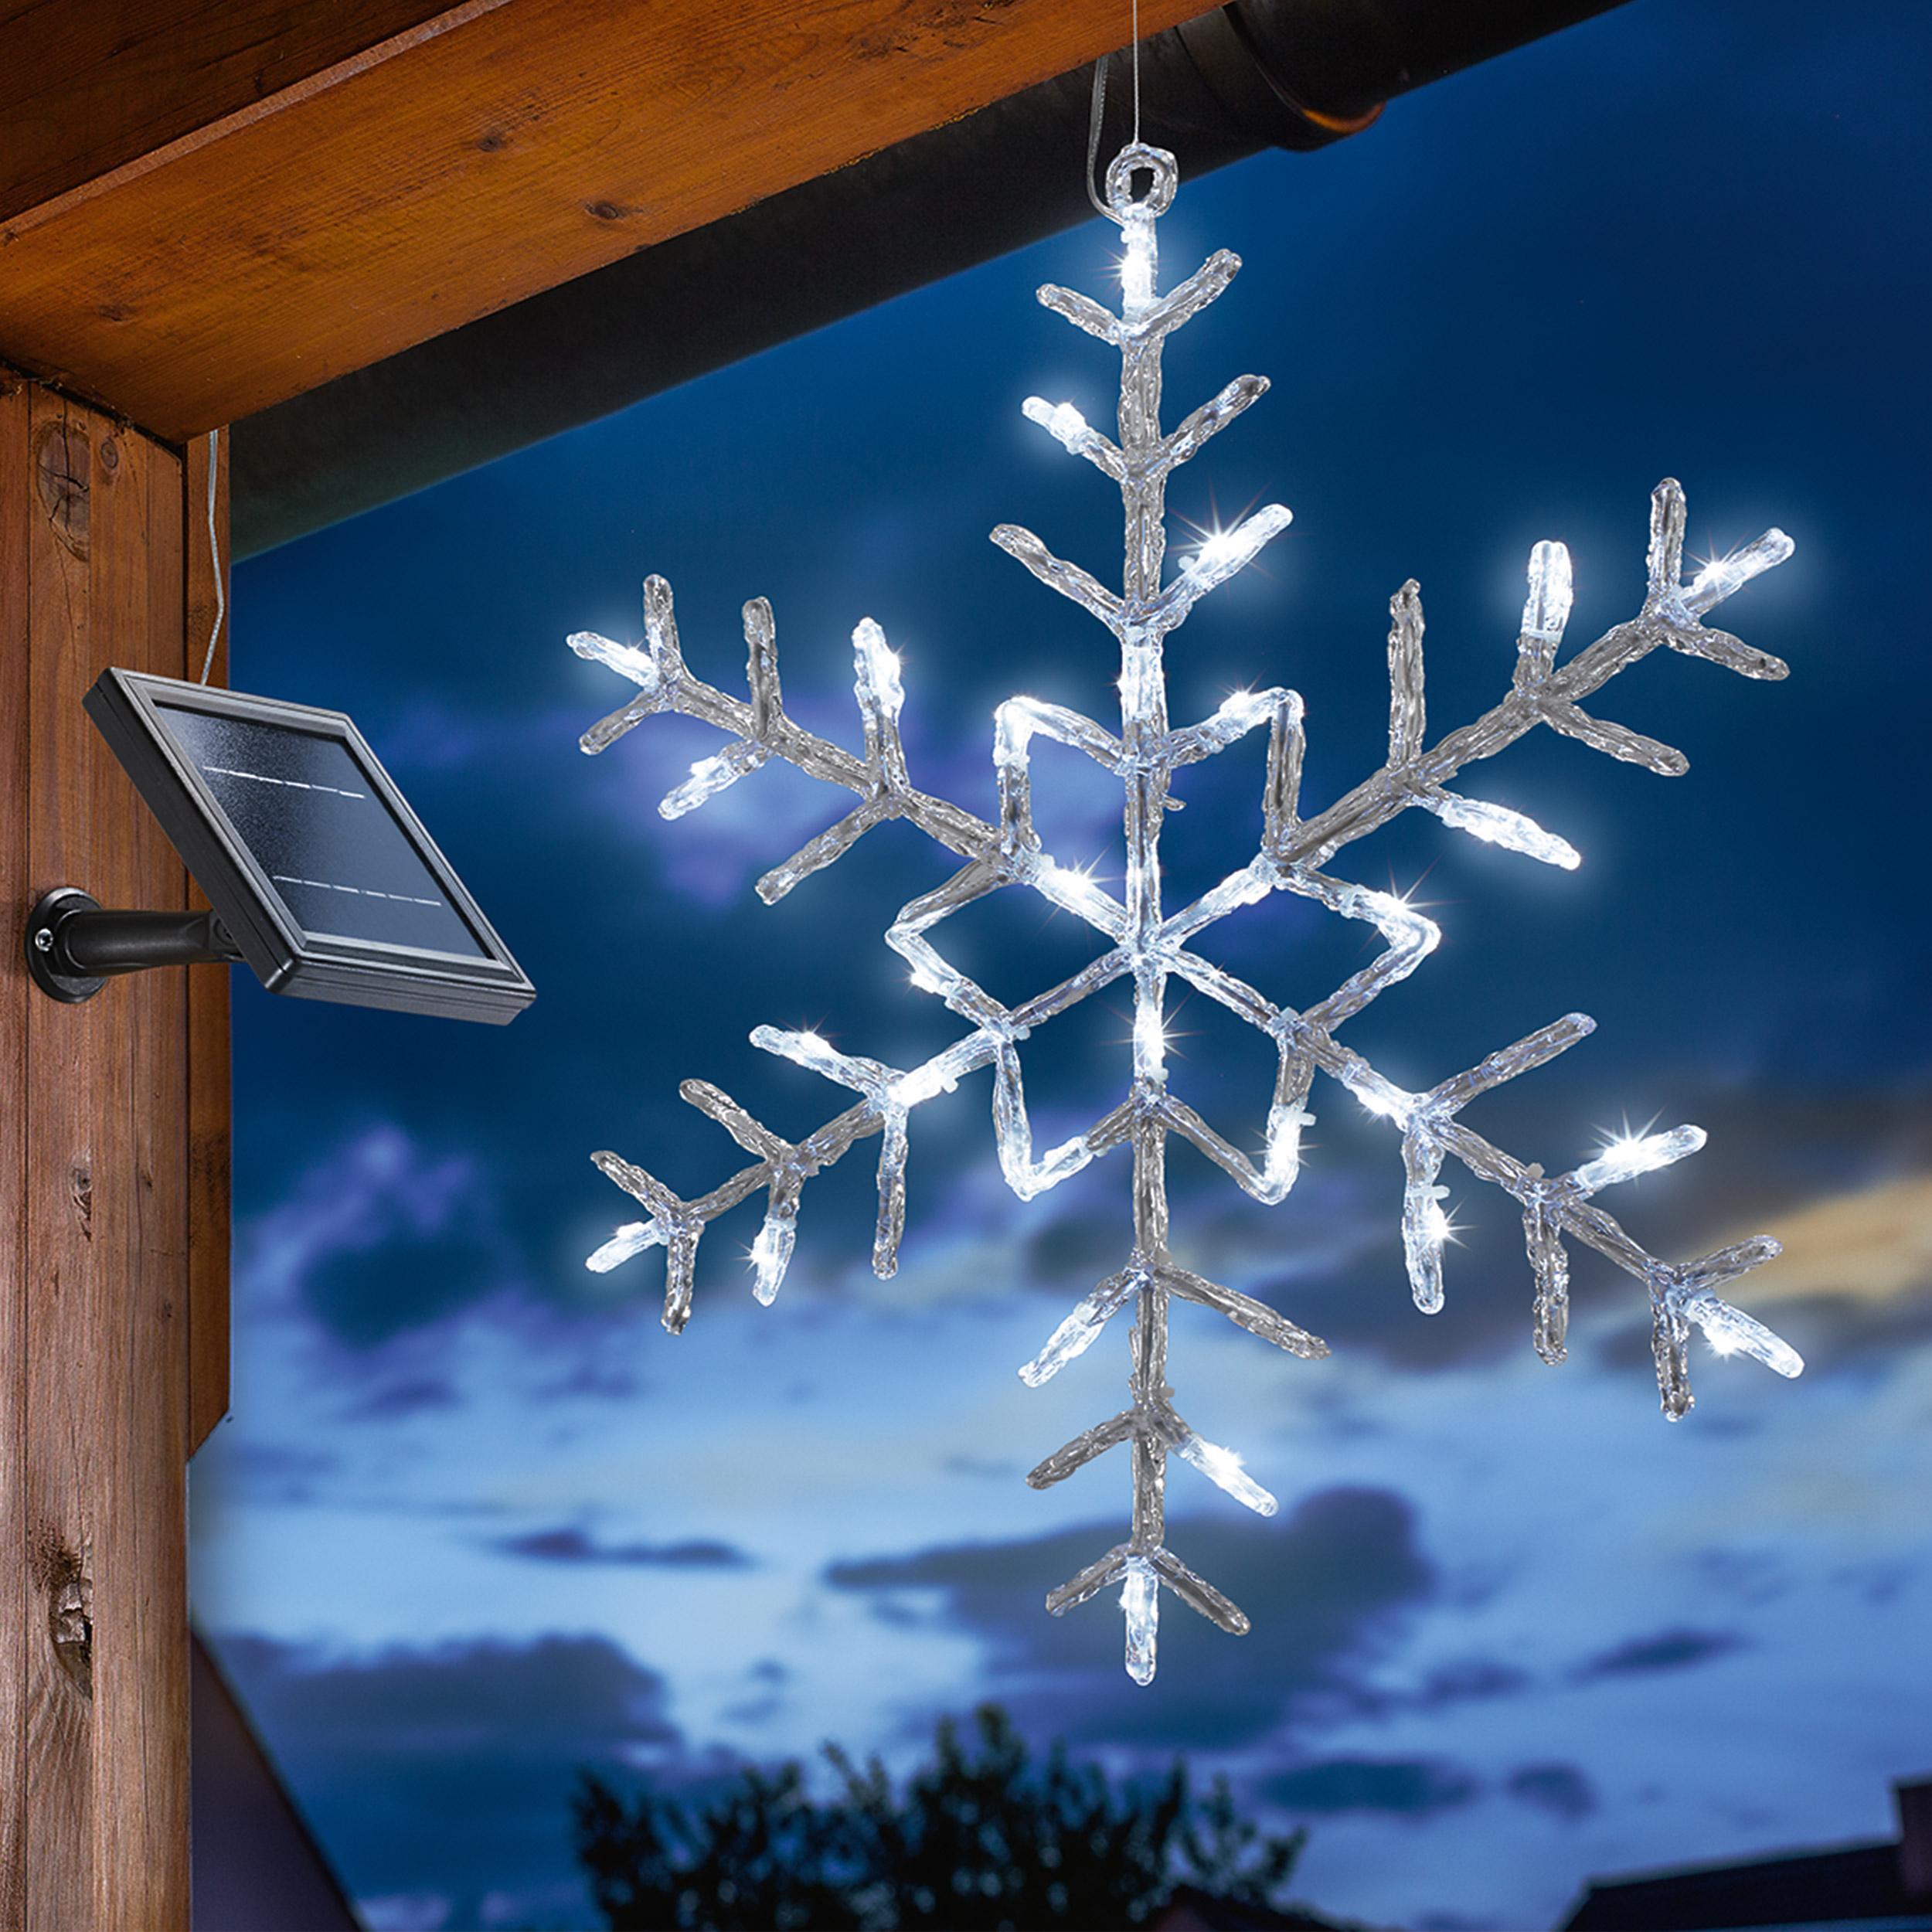 Solar Eiskristall Winterdekoration Weihnachten Leuchtstern Winter ...